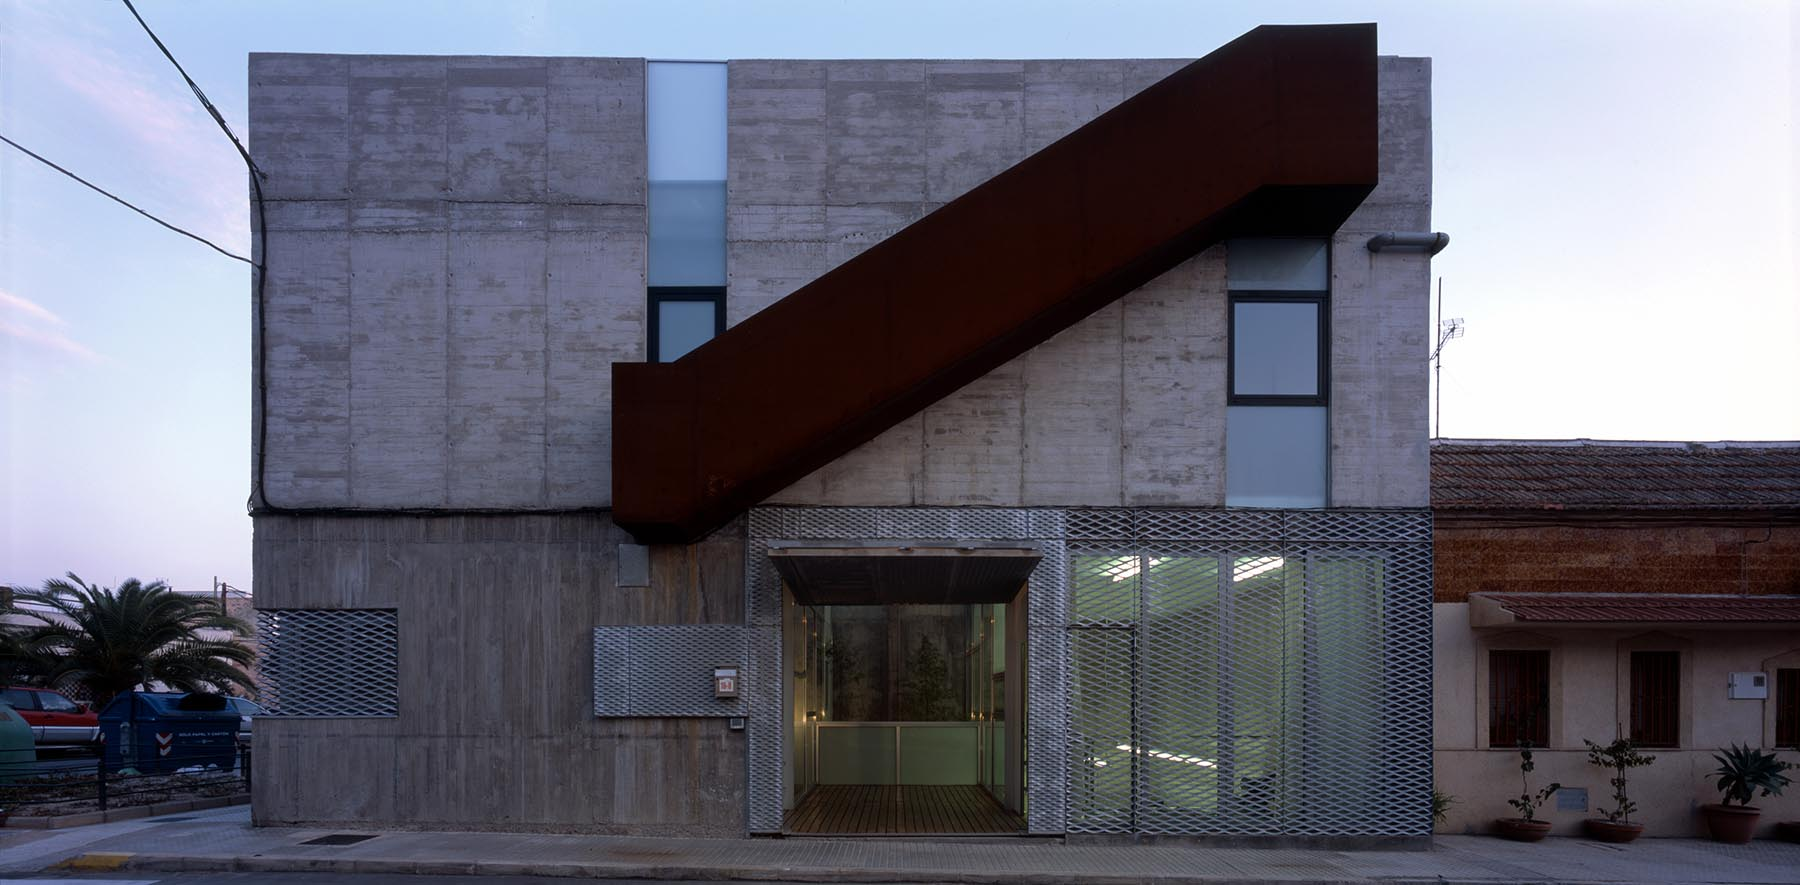 Martin lejarraga arquitecto vivienda y estudio para un - Arquitectura cartagena ...